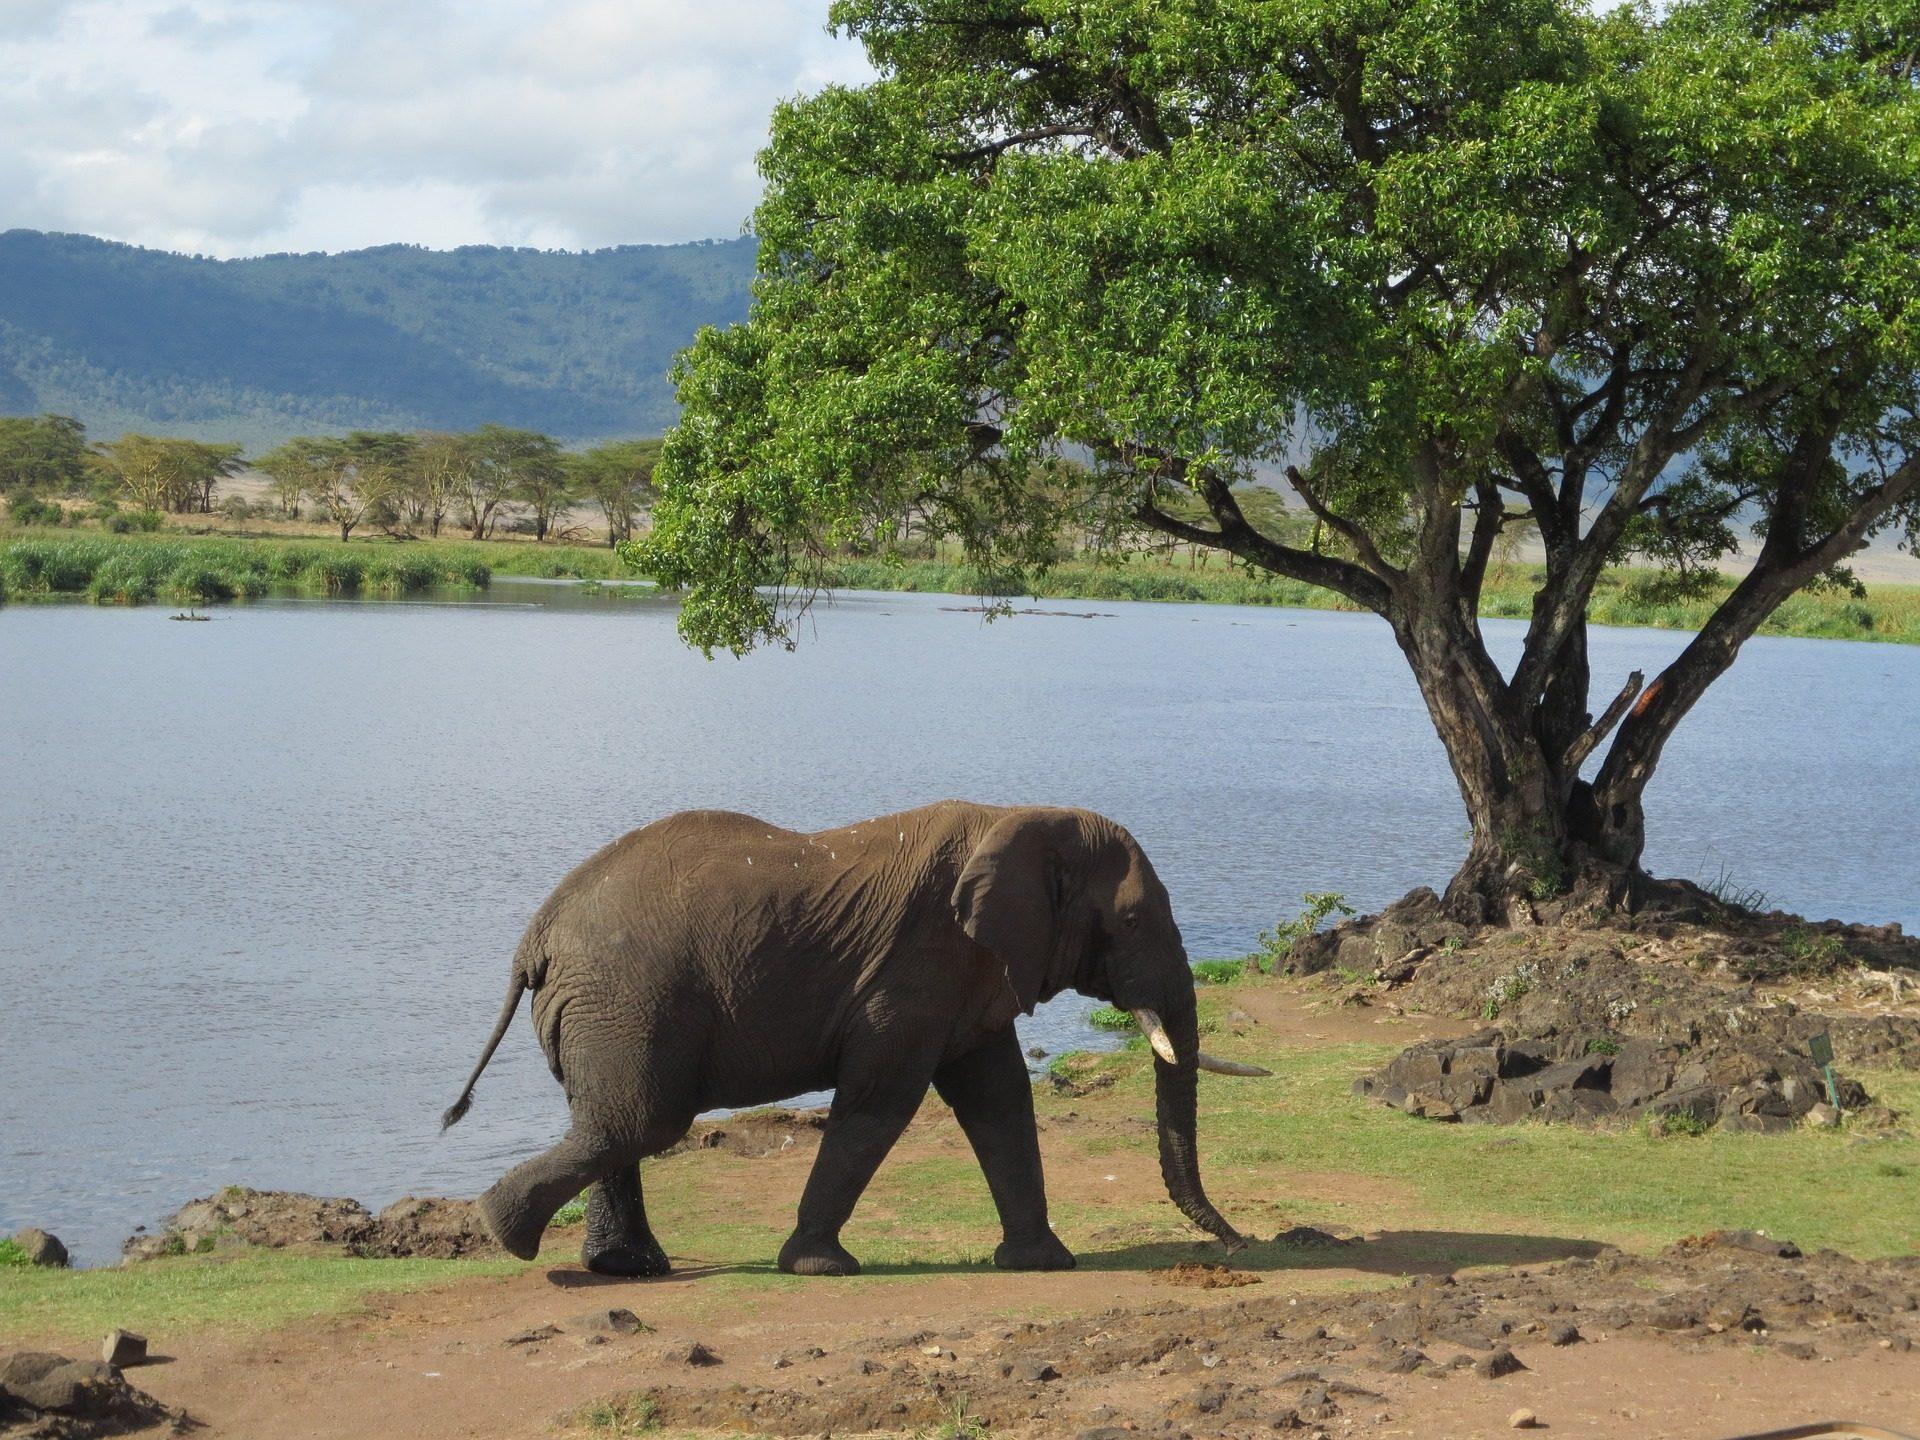 elefante, Selvaggio, lago, Fiume, albero - Sfondi HD - Professor-falken.com